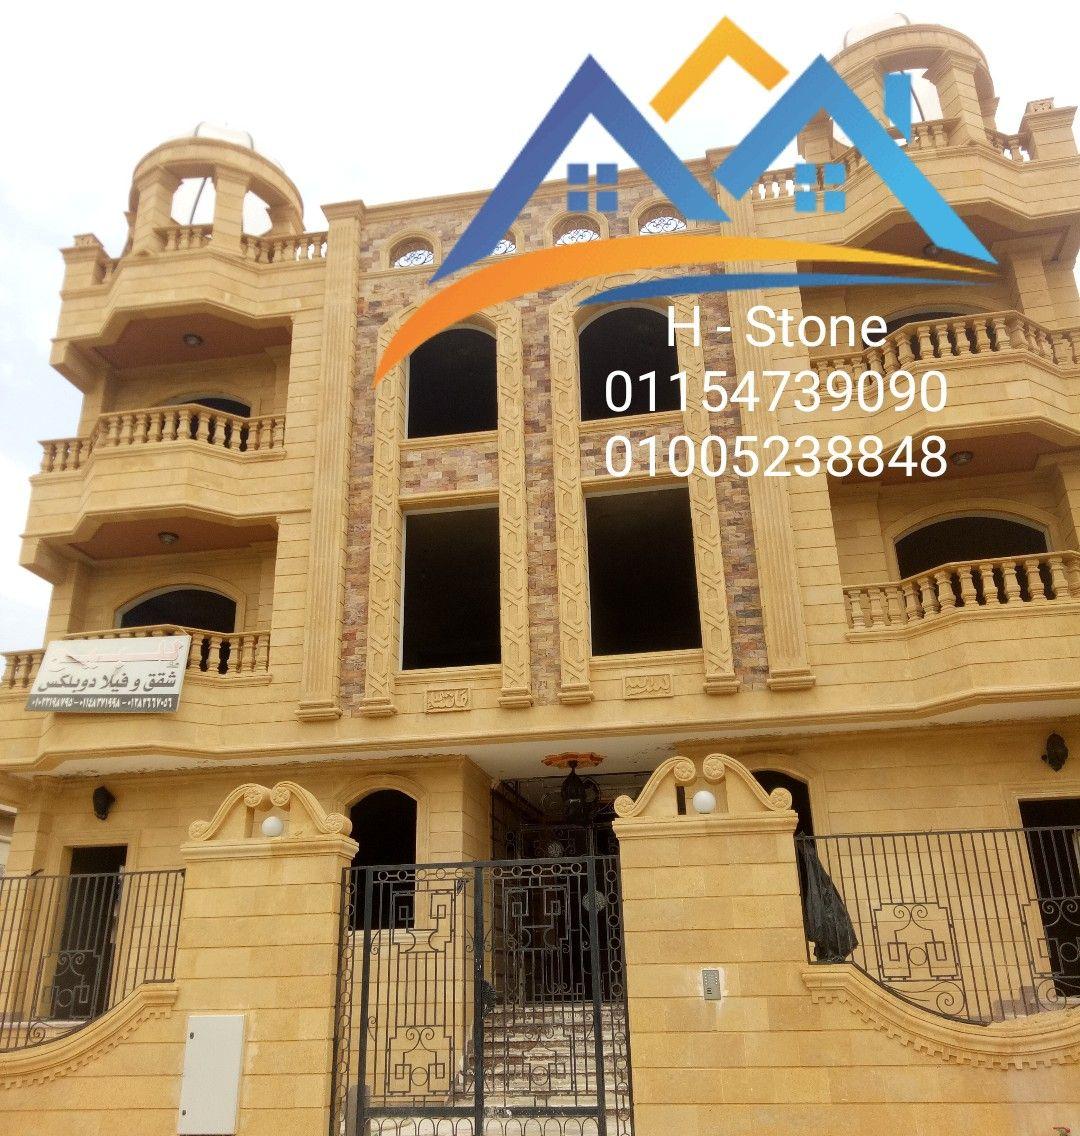 واجهات حجر هاشمي هيصم House Styles Exterior Houses سعر 01154739090 House Styles House Exterior Stone House